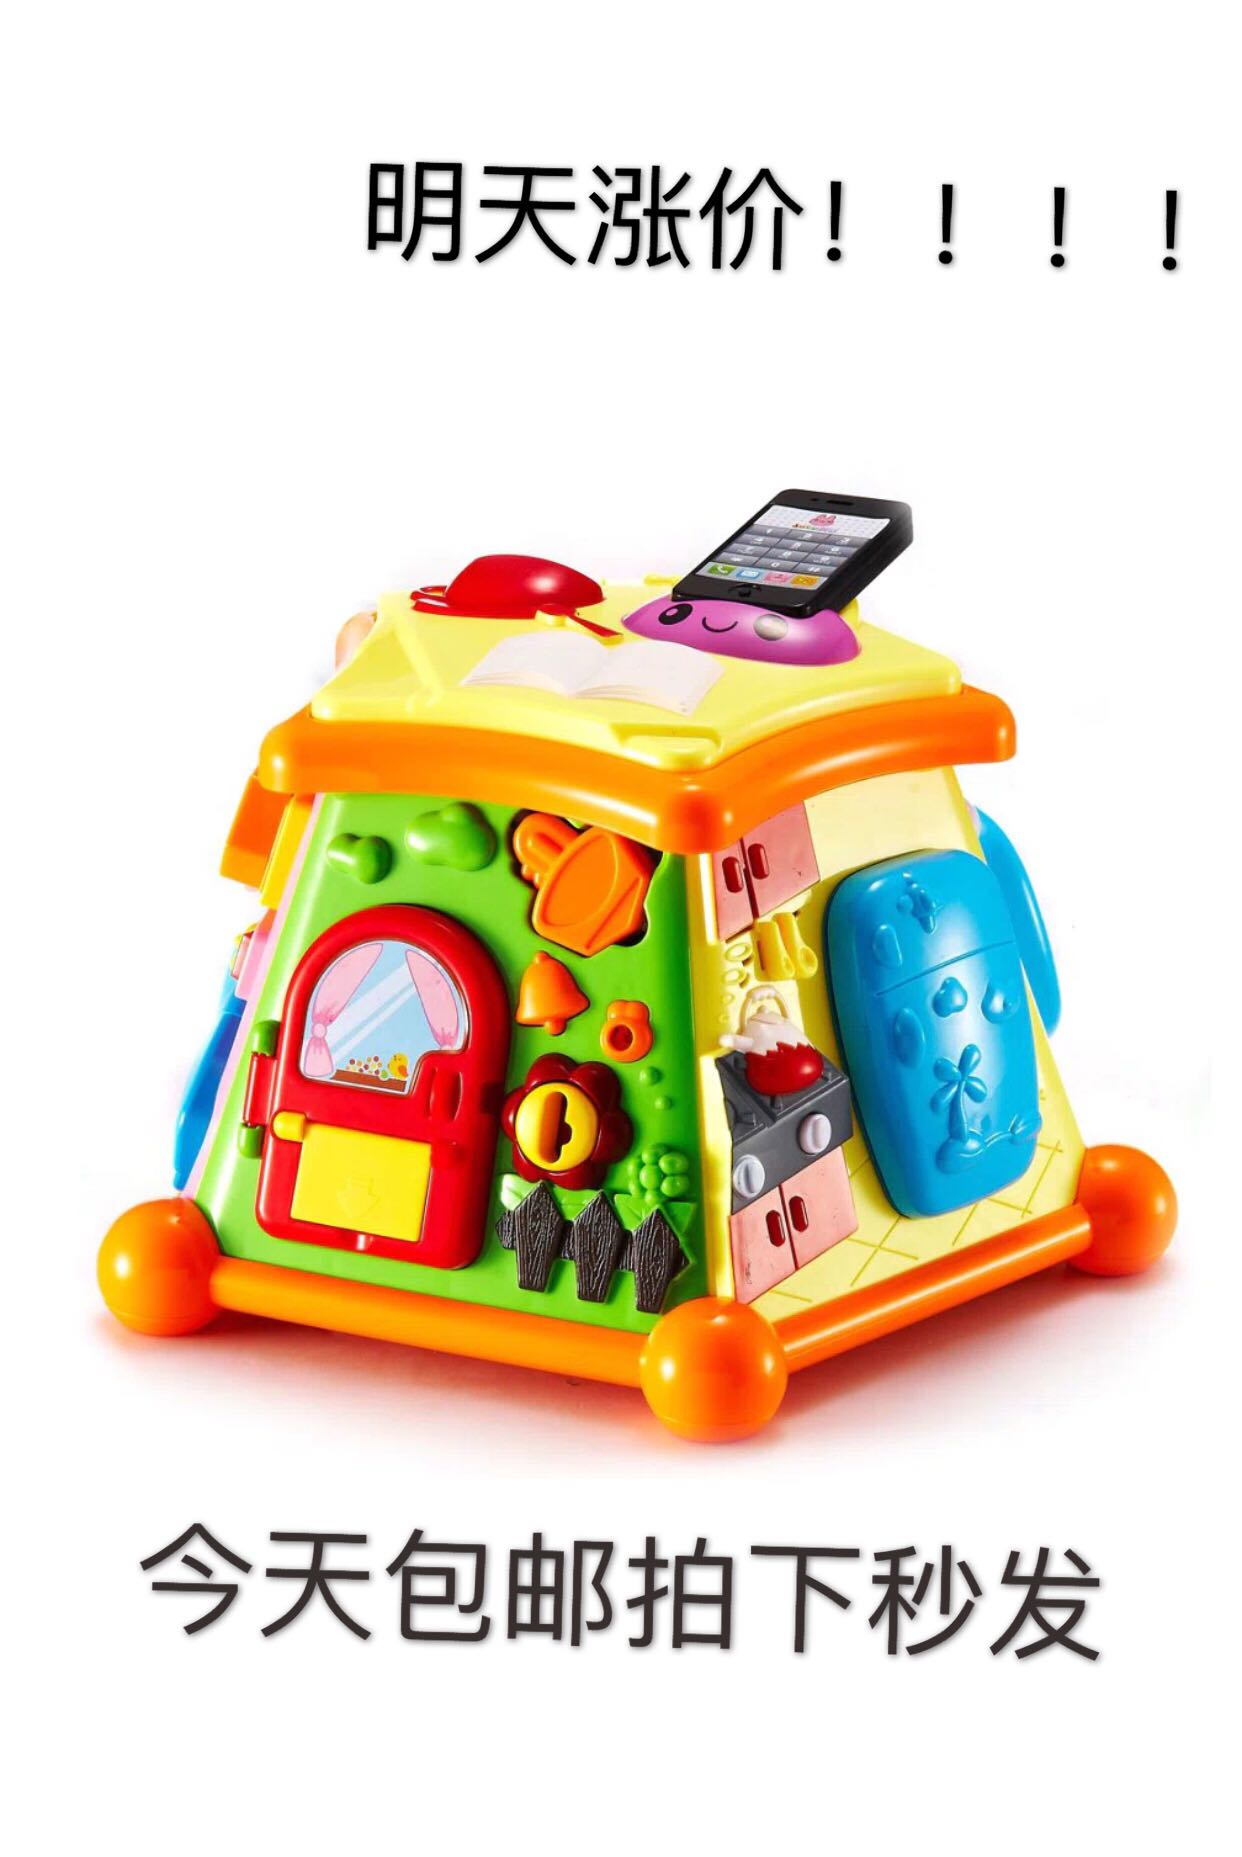 Австралия моллюск жизнь опыт дом многофункциональный игрушка шесть интерес кабина младенец младенец ребенок ребенок изучение дом игра